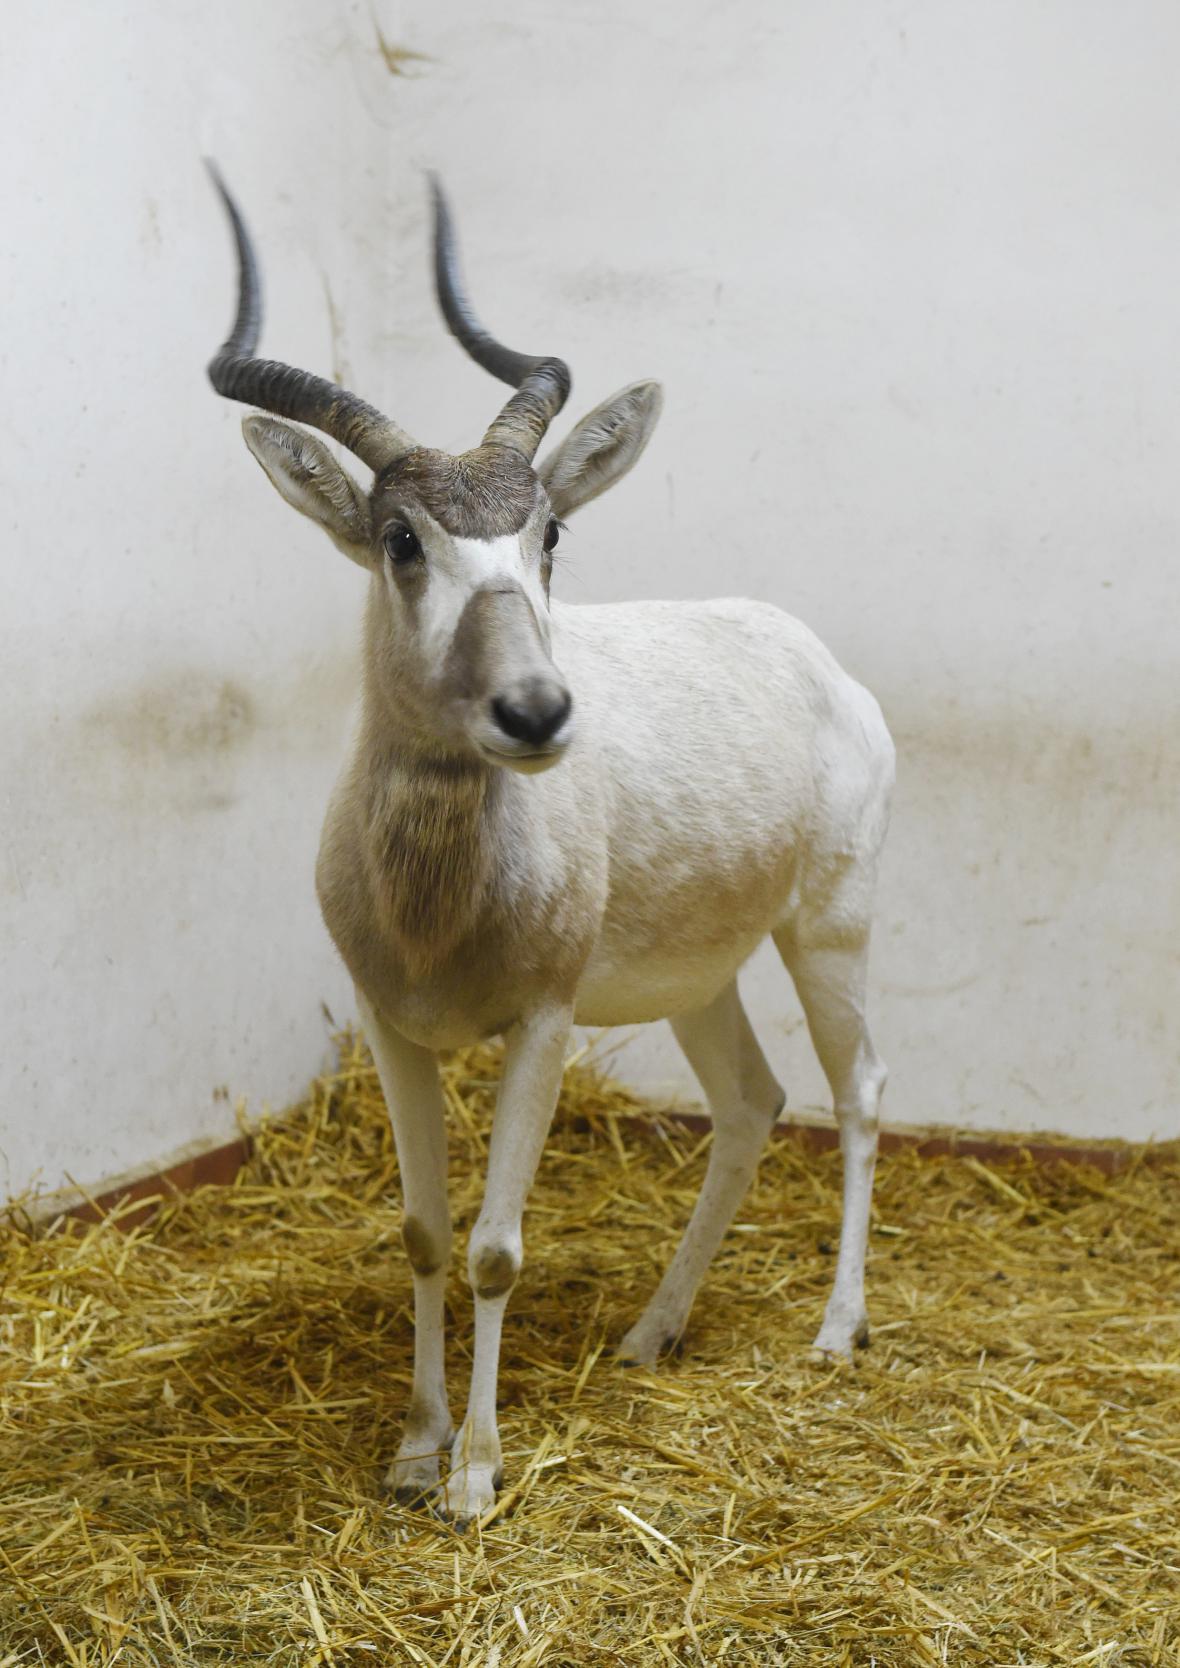 dvojice samic kriticky ohrožených pouštních antilop adaxů núbijských